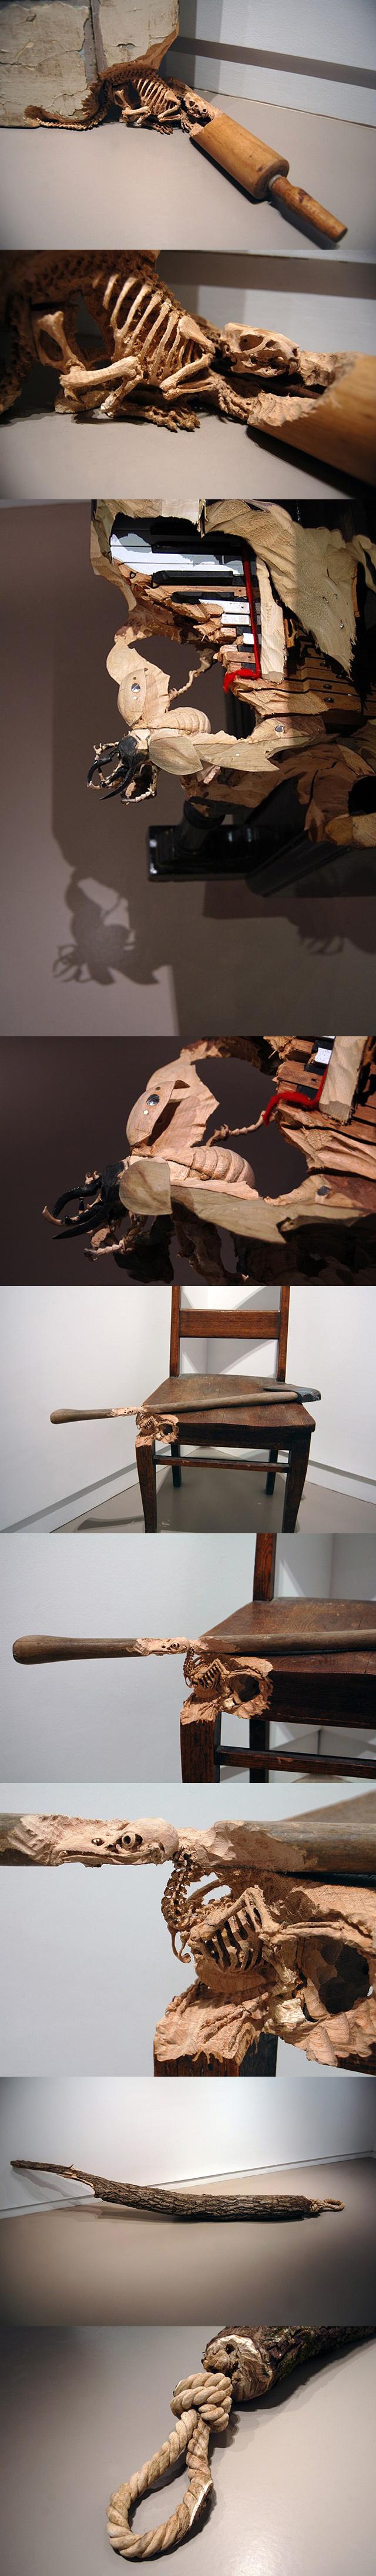 骨肉相连的木雕:来自艺术家Maskull Lasserre的木雕作品,和以往爱稀奇介绍的类似作品不一样的是,每一件作品都是取材自互不相干的一些平常小物,但是碉堡的木雕却让它们发生了关系~